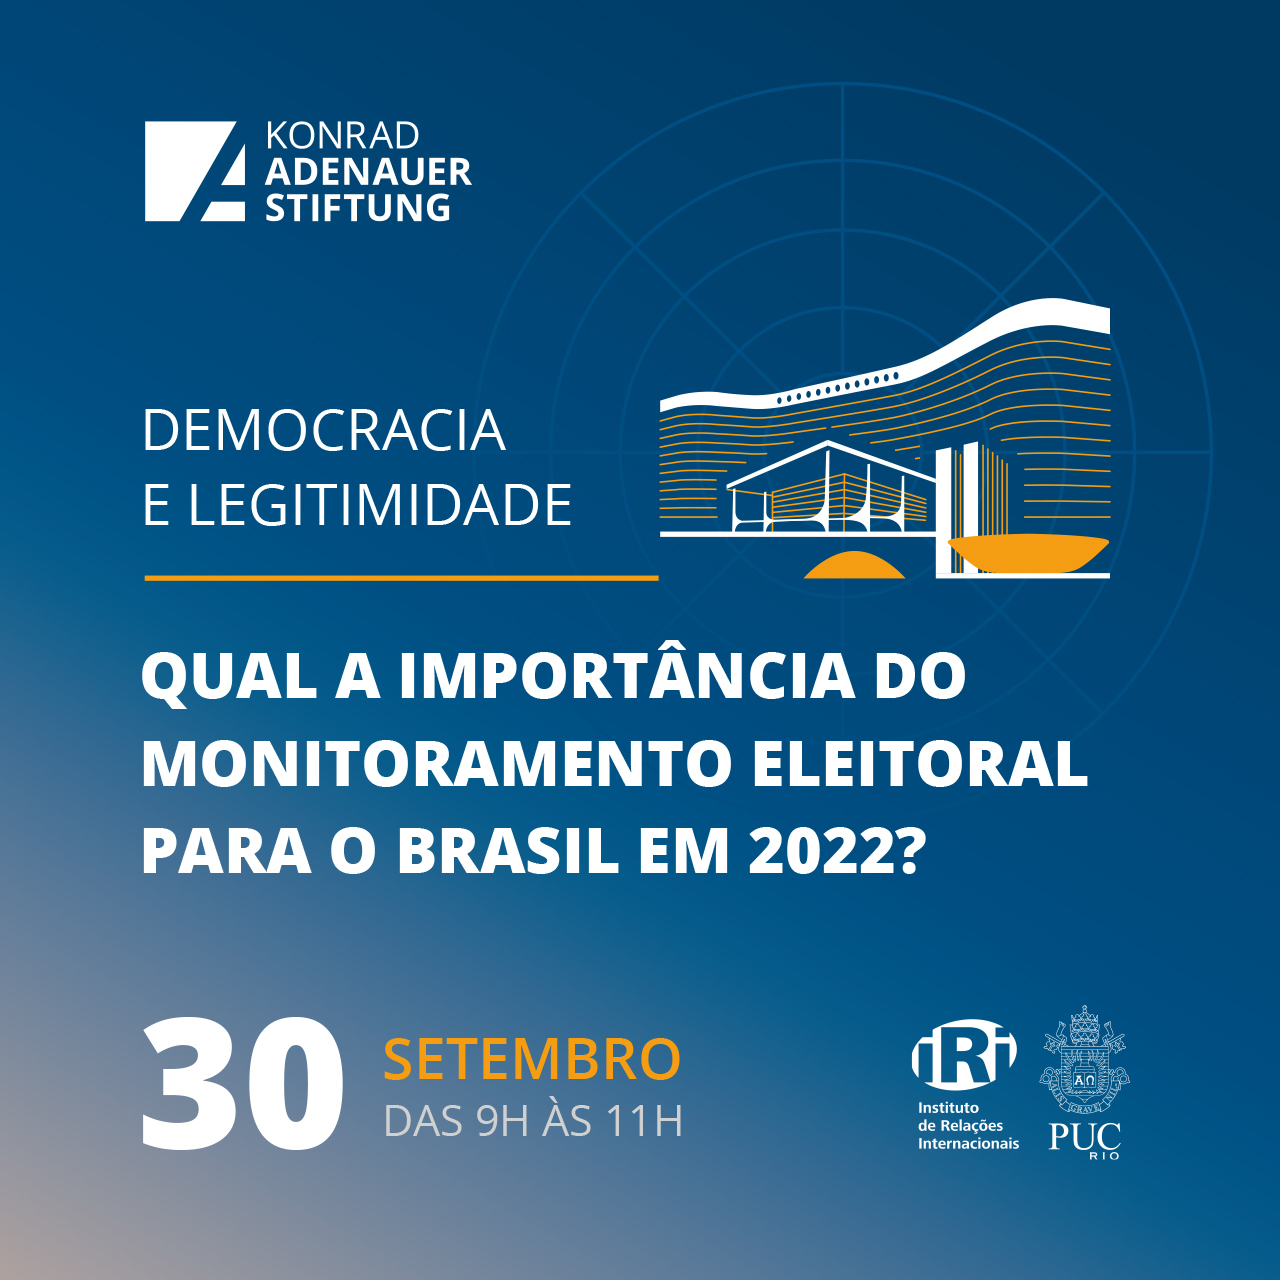 Democracia e Legitimidade: qual a importância do Monitoramento Eleitoral para o Brasil em 2022?